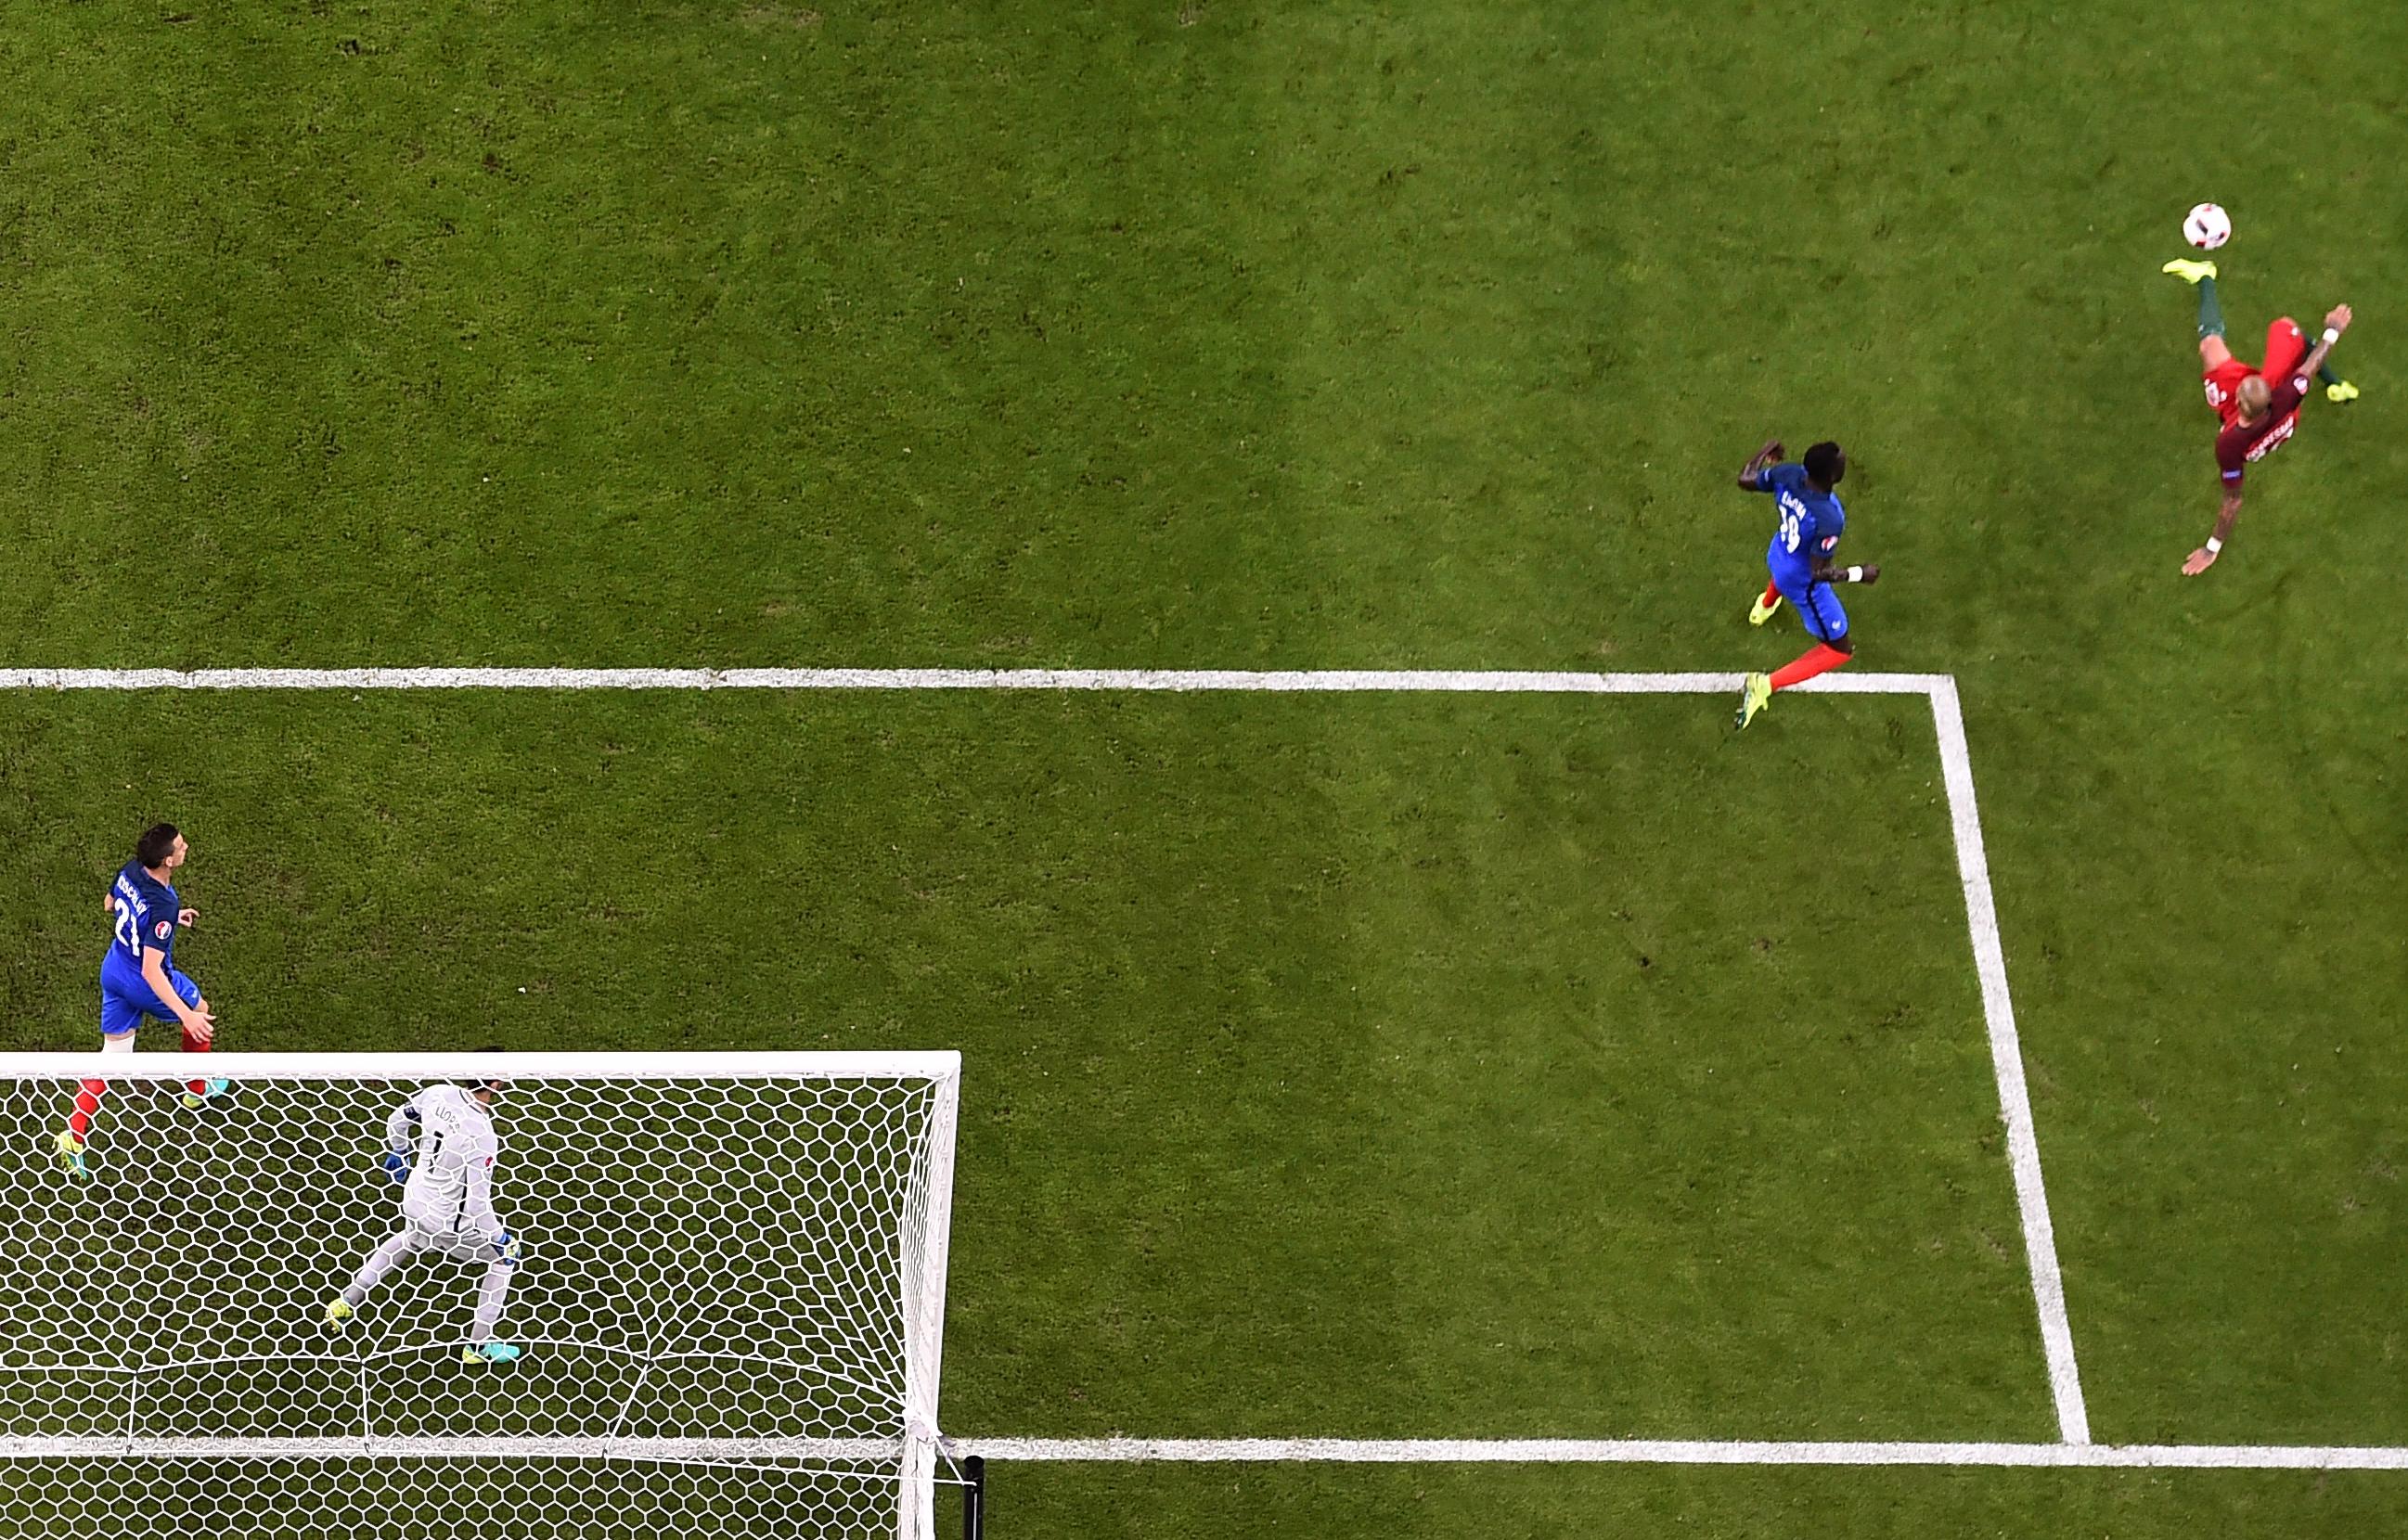 葡萄牙中場比比在比賽中射球時的瞬間。(Francisco LEONG/AFP)